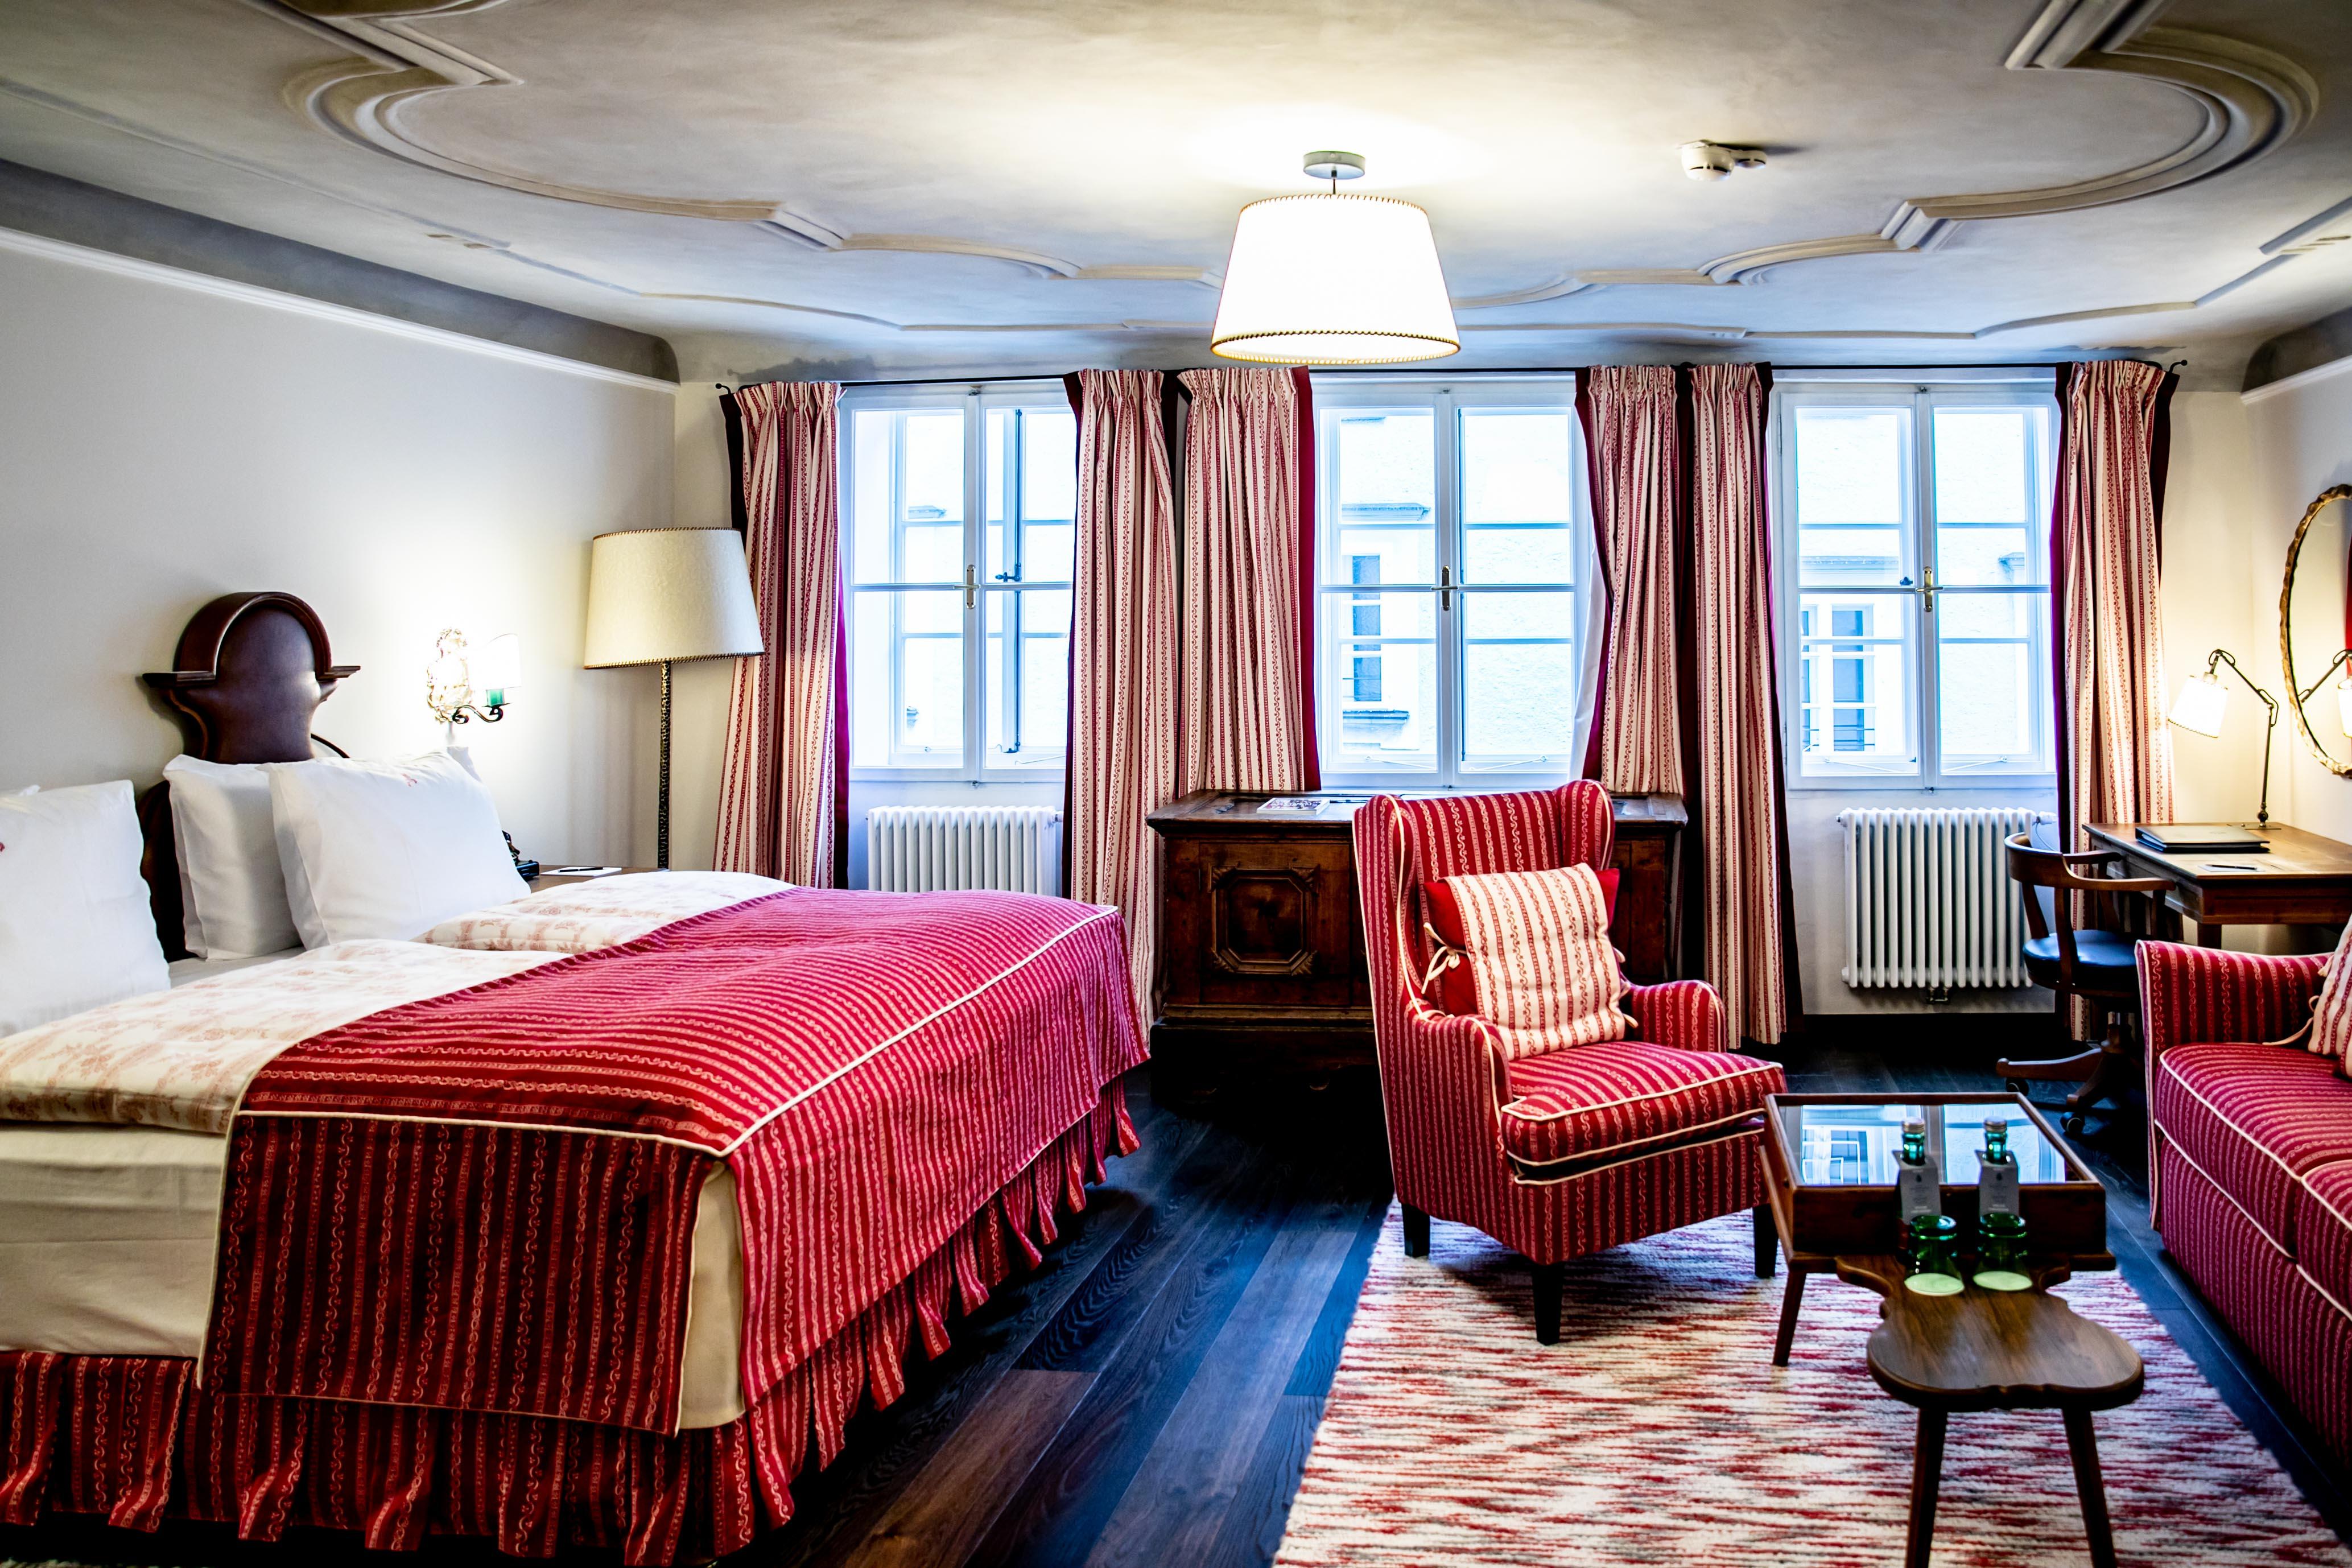 Zimmer 12. Hotel Goldener Hirsch, Salzburg, 20191029, ©www.wildbild.at